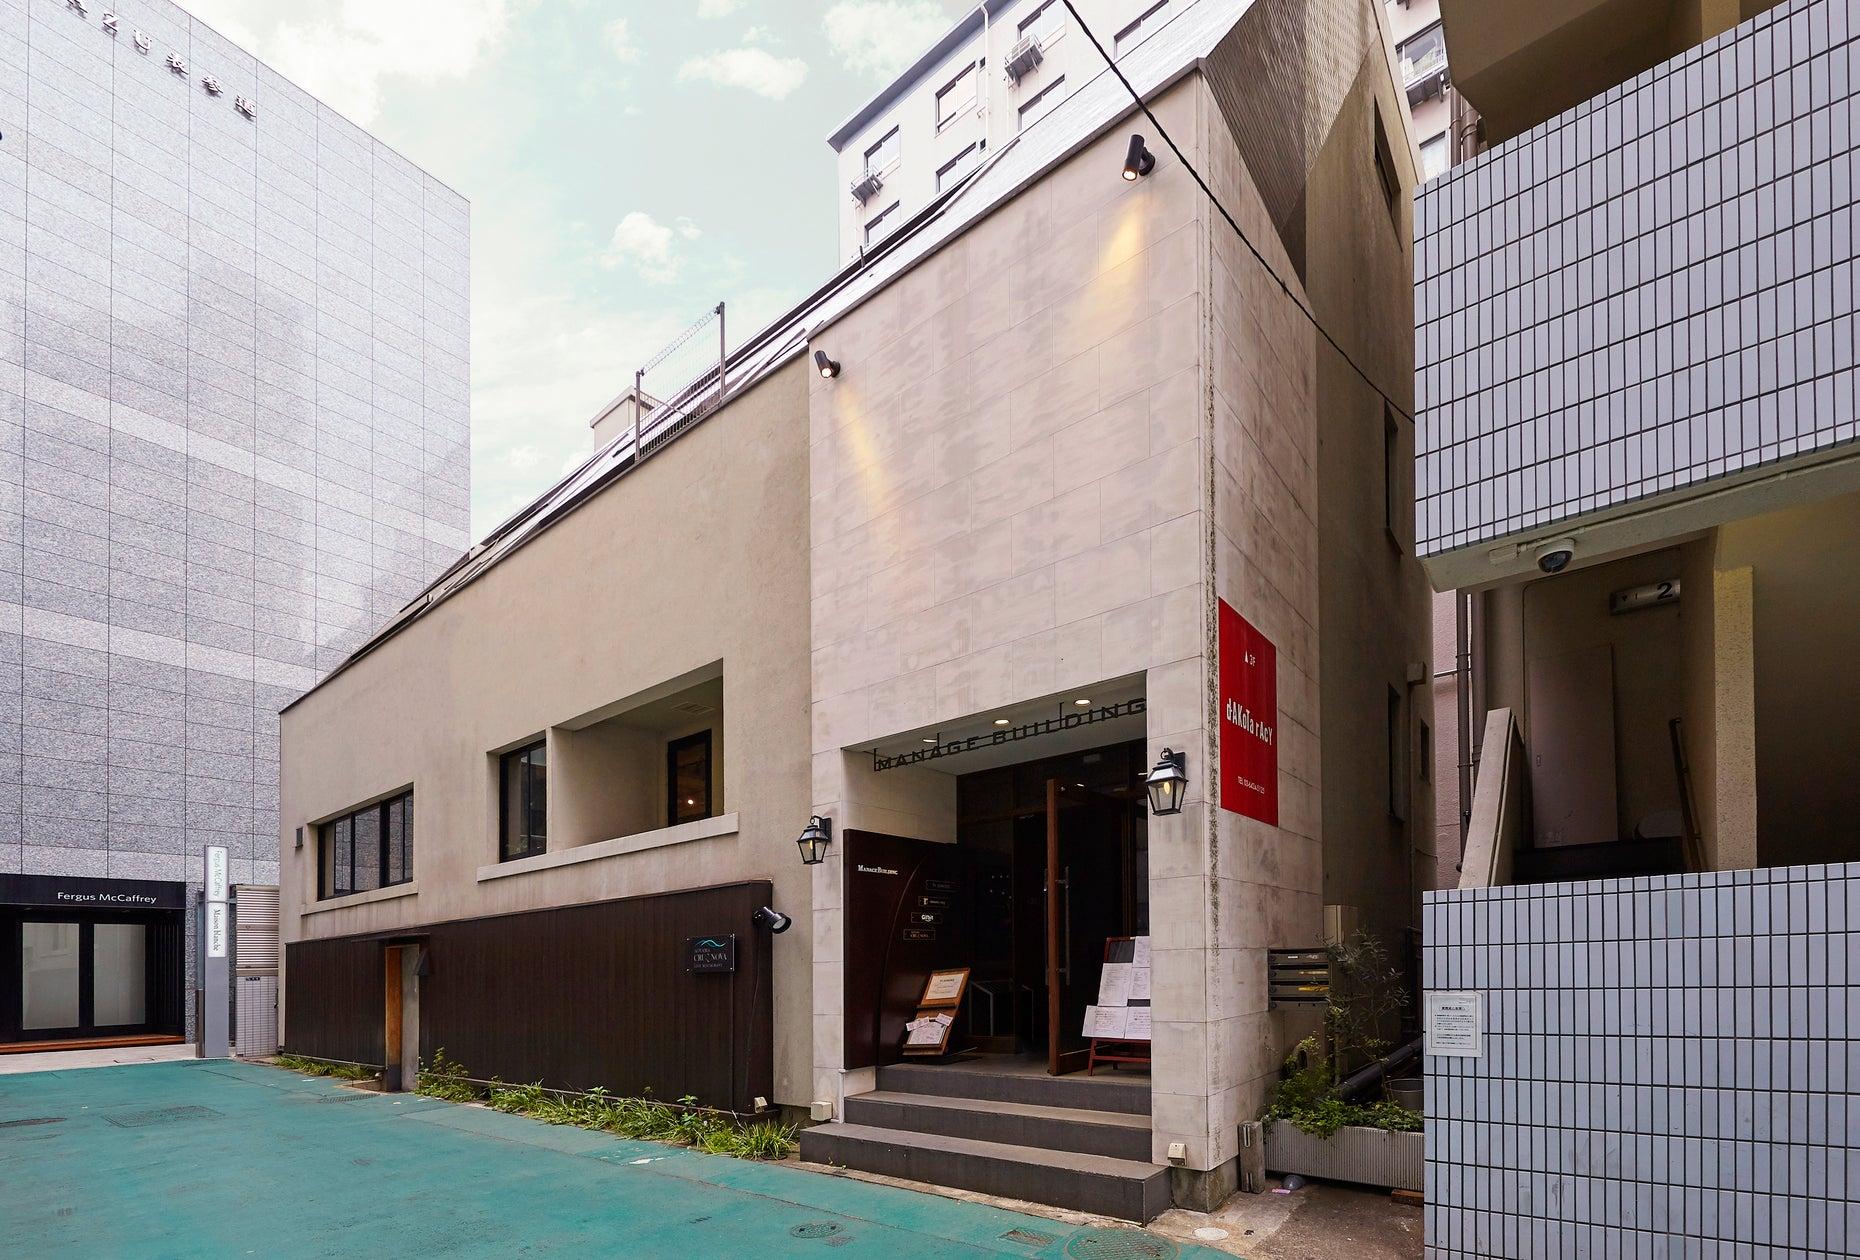 青山通りから50メートル程度少しだけ入った静かな好立地の2階です。